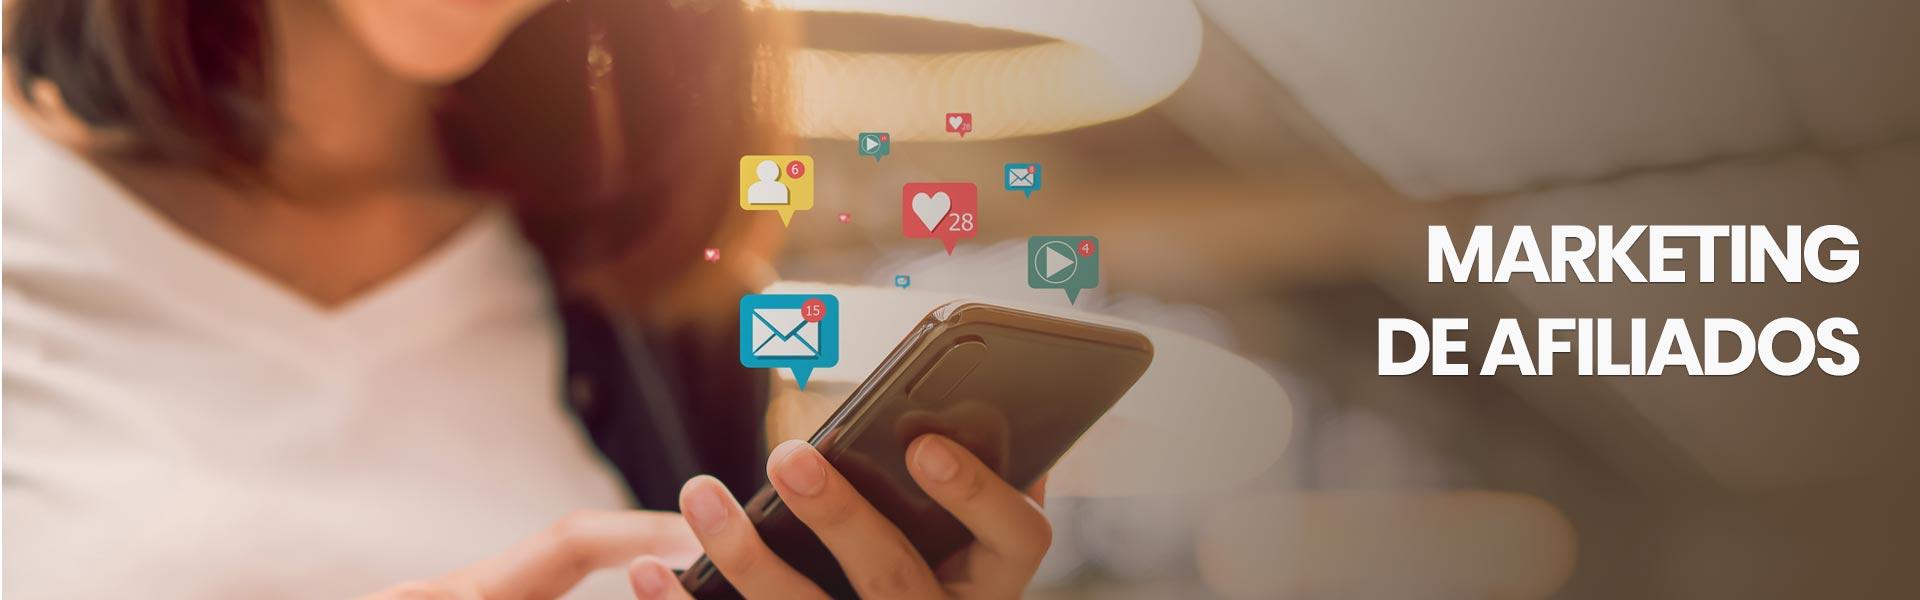 Marketing de afiliados: entenda como ganhar dinheiro online